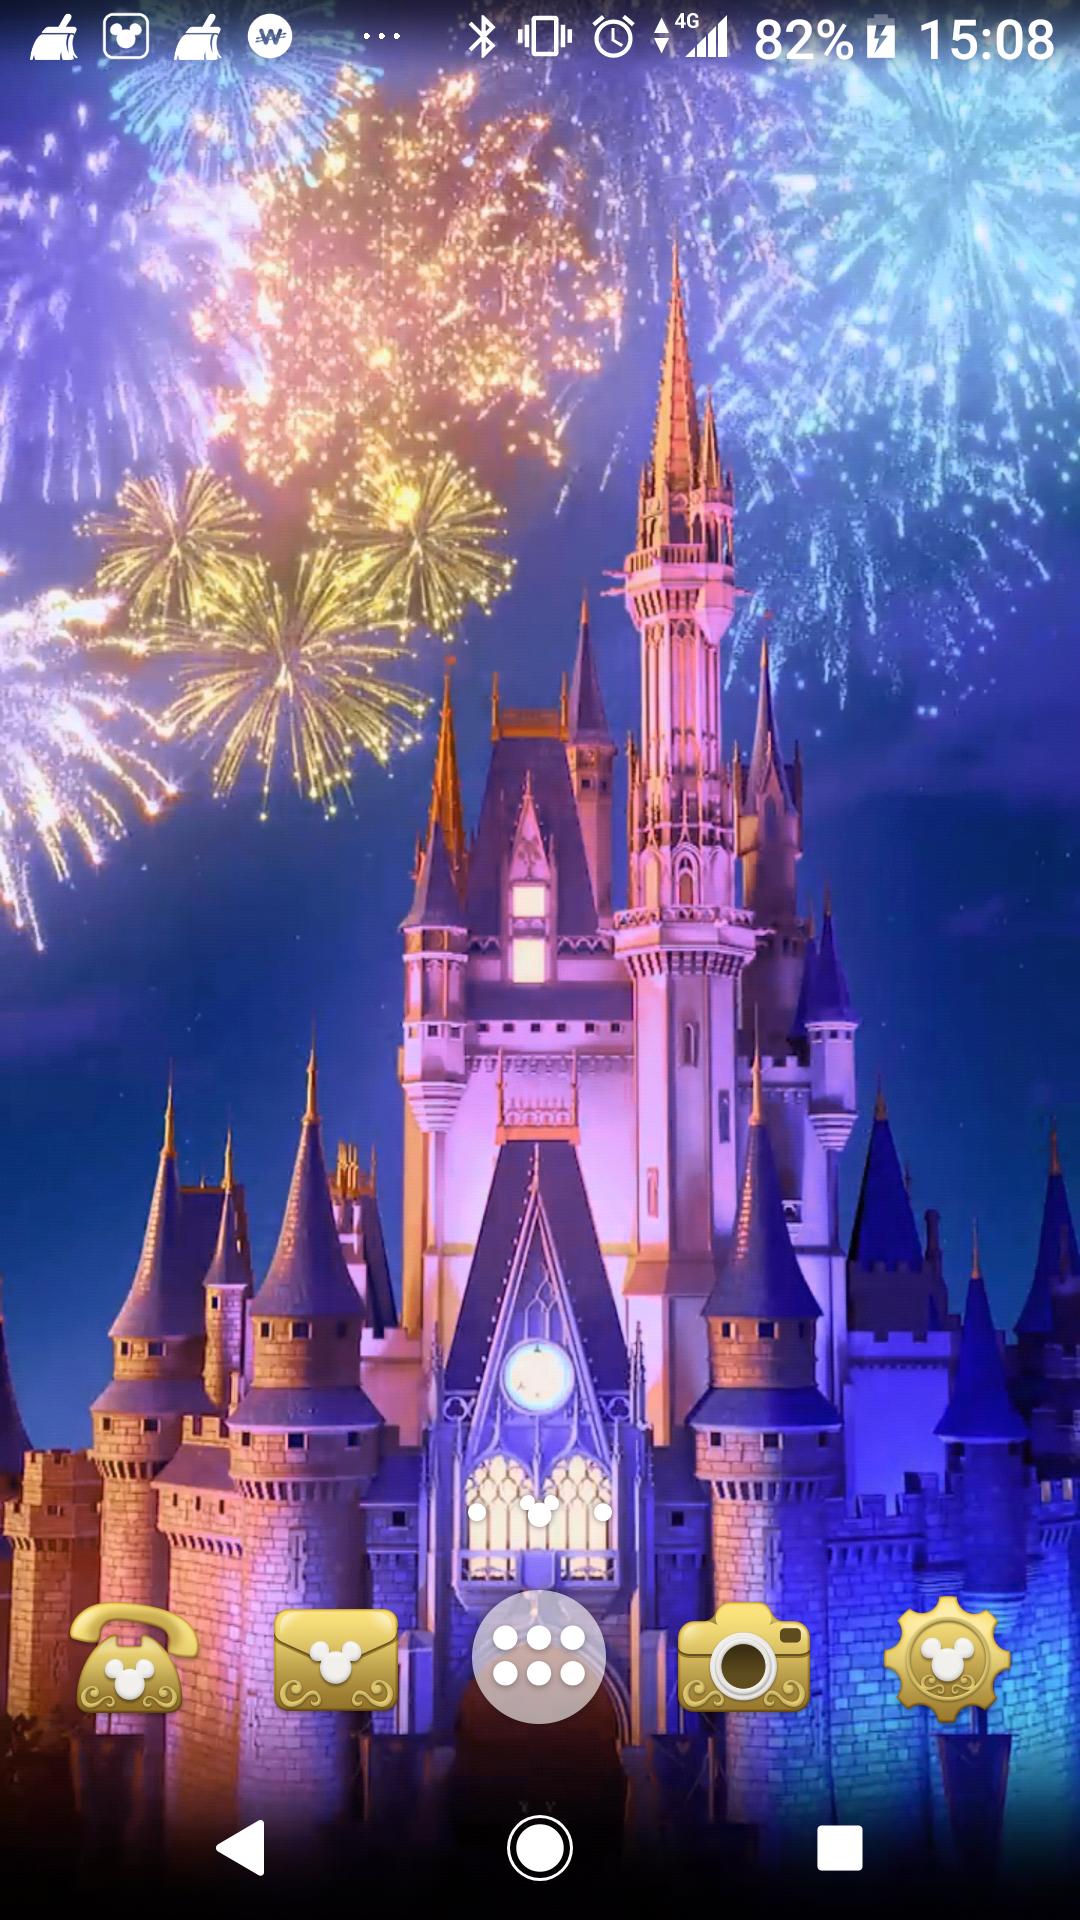 最近の壁紙はシンデレラ城 花火が上がったり 妖精がキラキラと舞っ